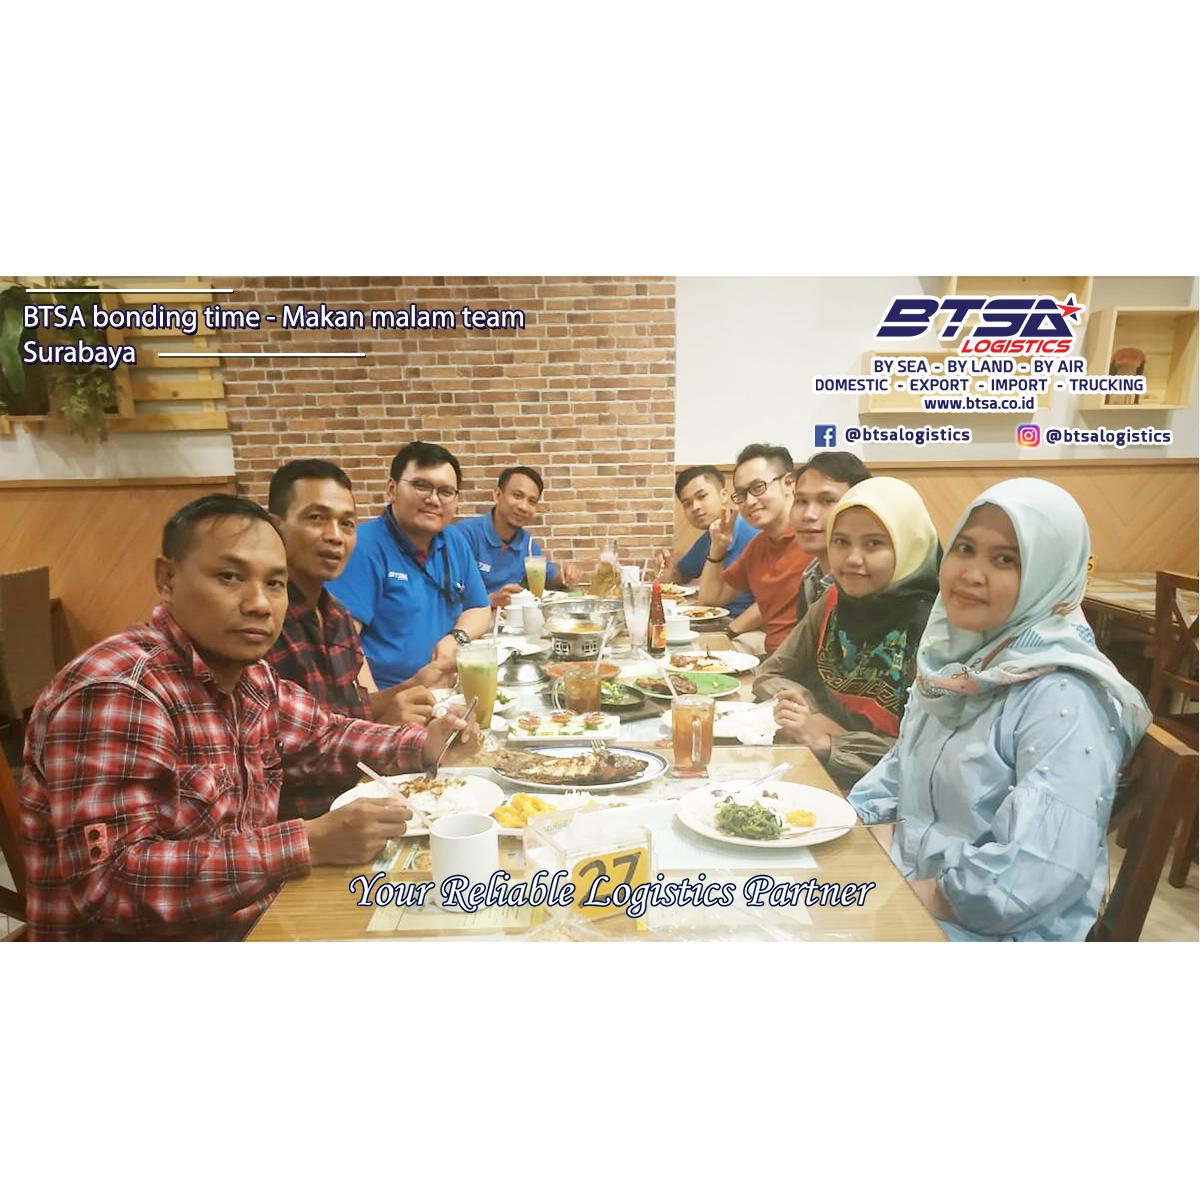 BBTMM26MAR